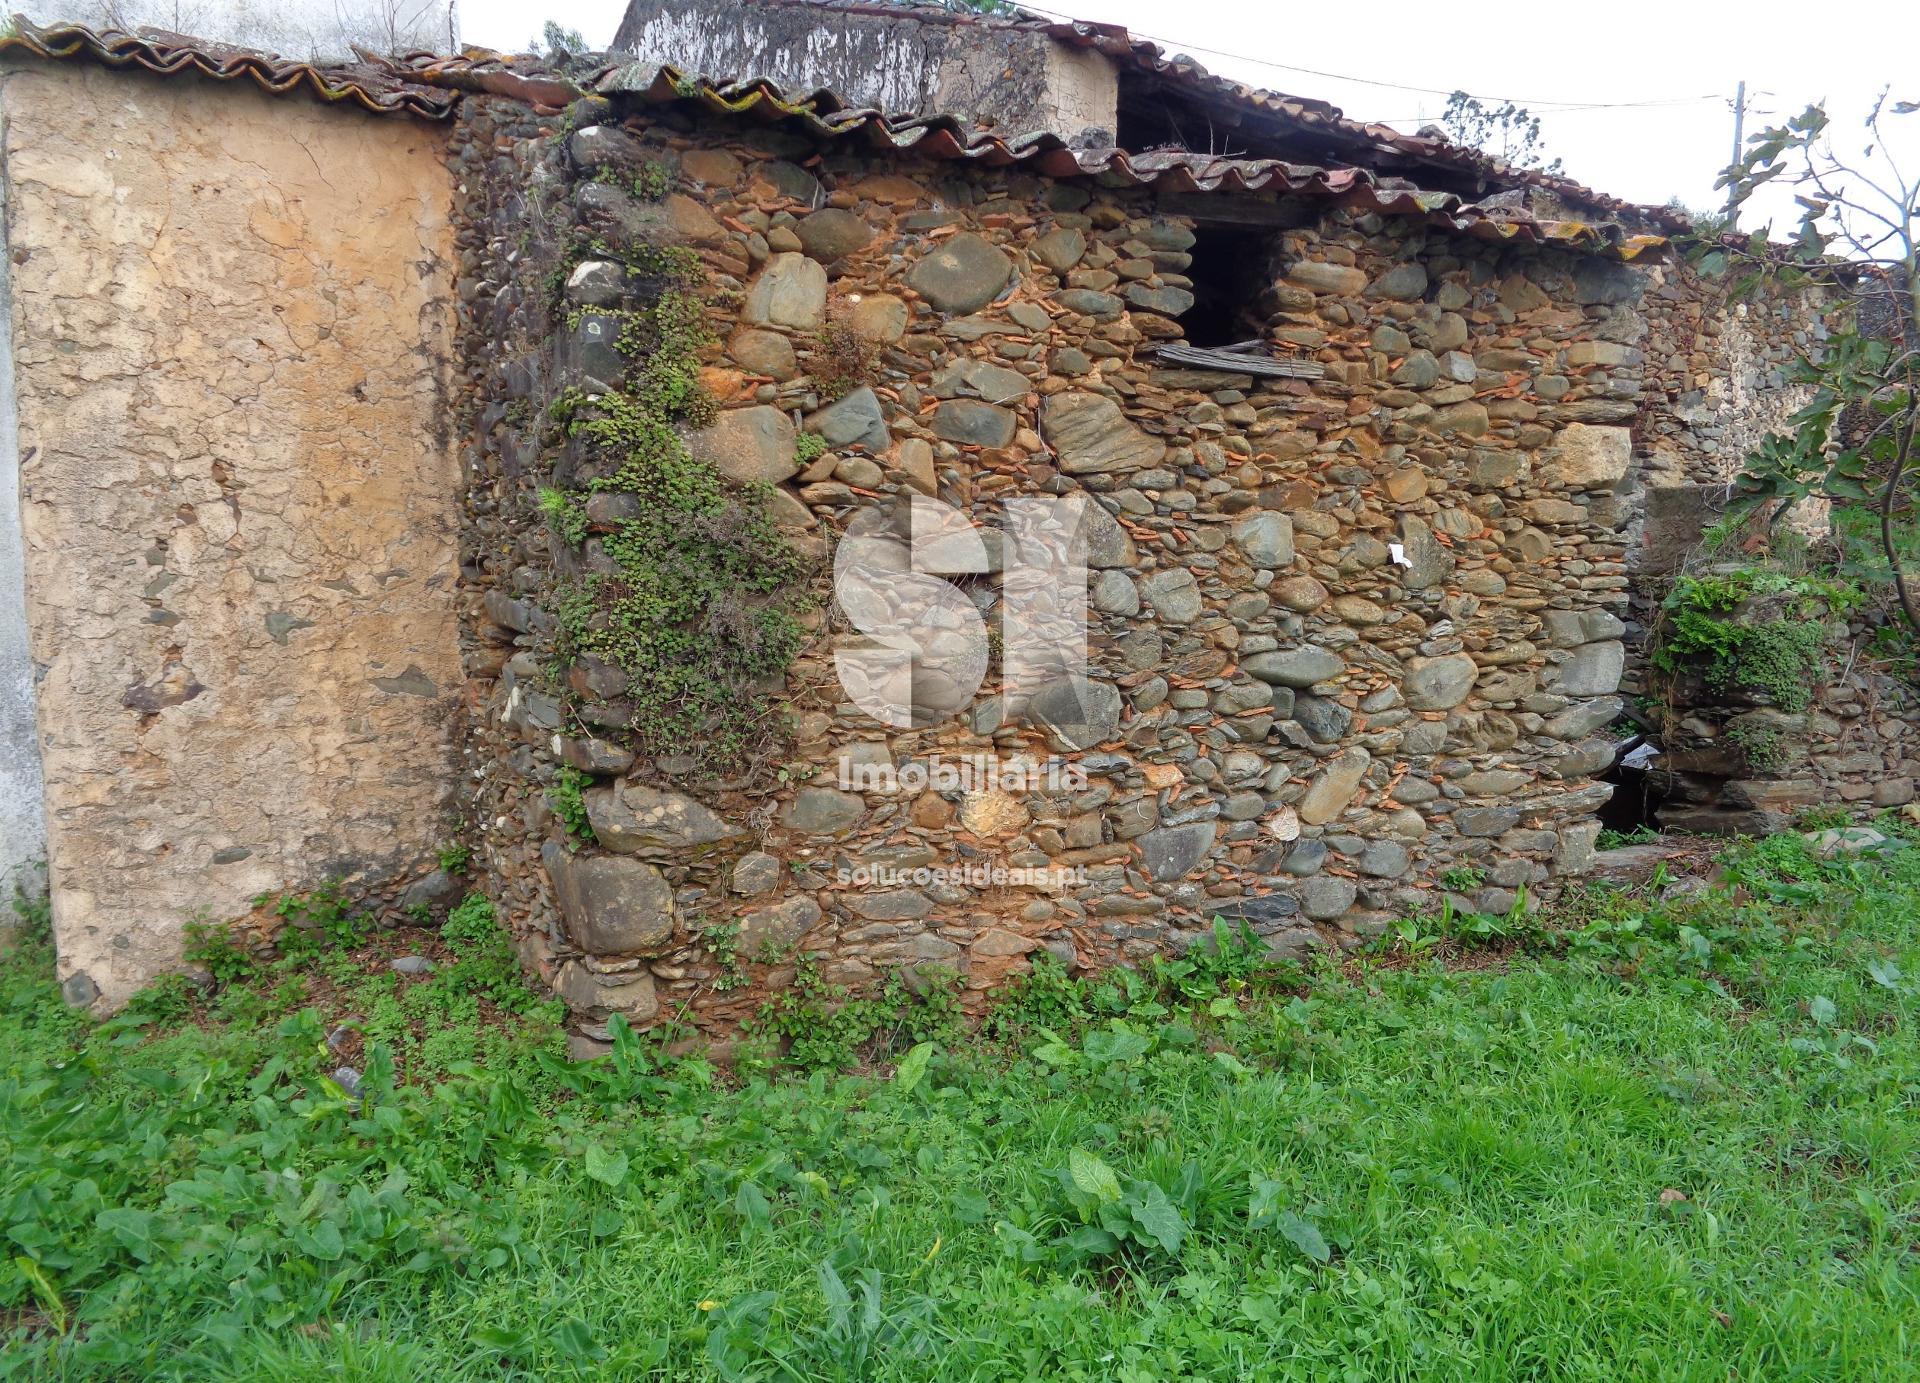 moradia para restaurar t3 para compra em lousa uniao das freguesias de lousa e vilarinho LSANS575